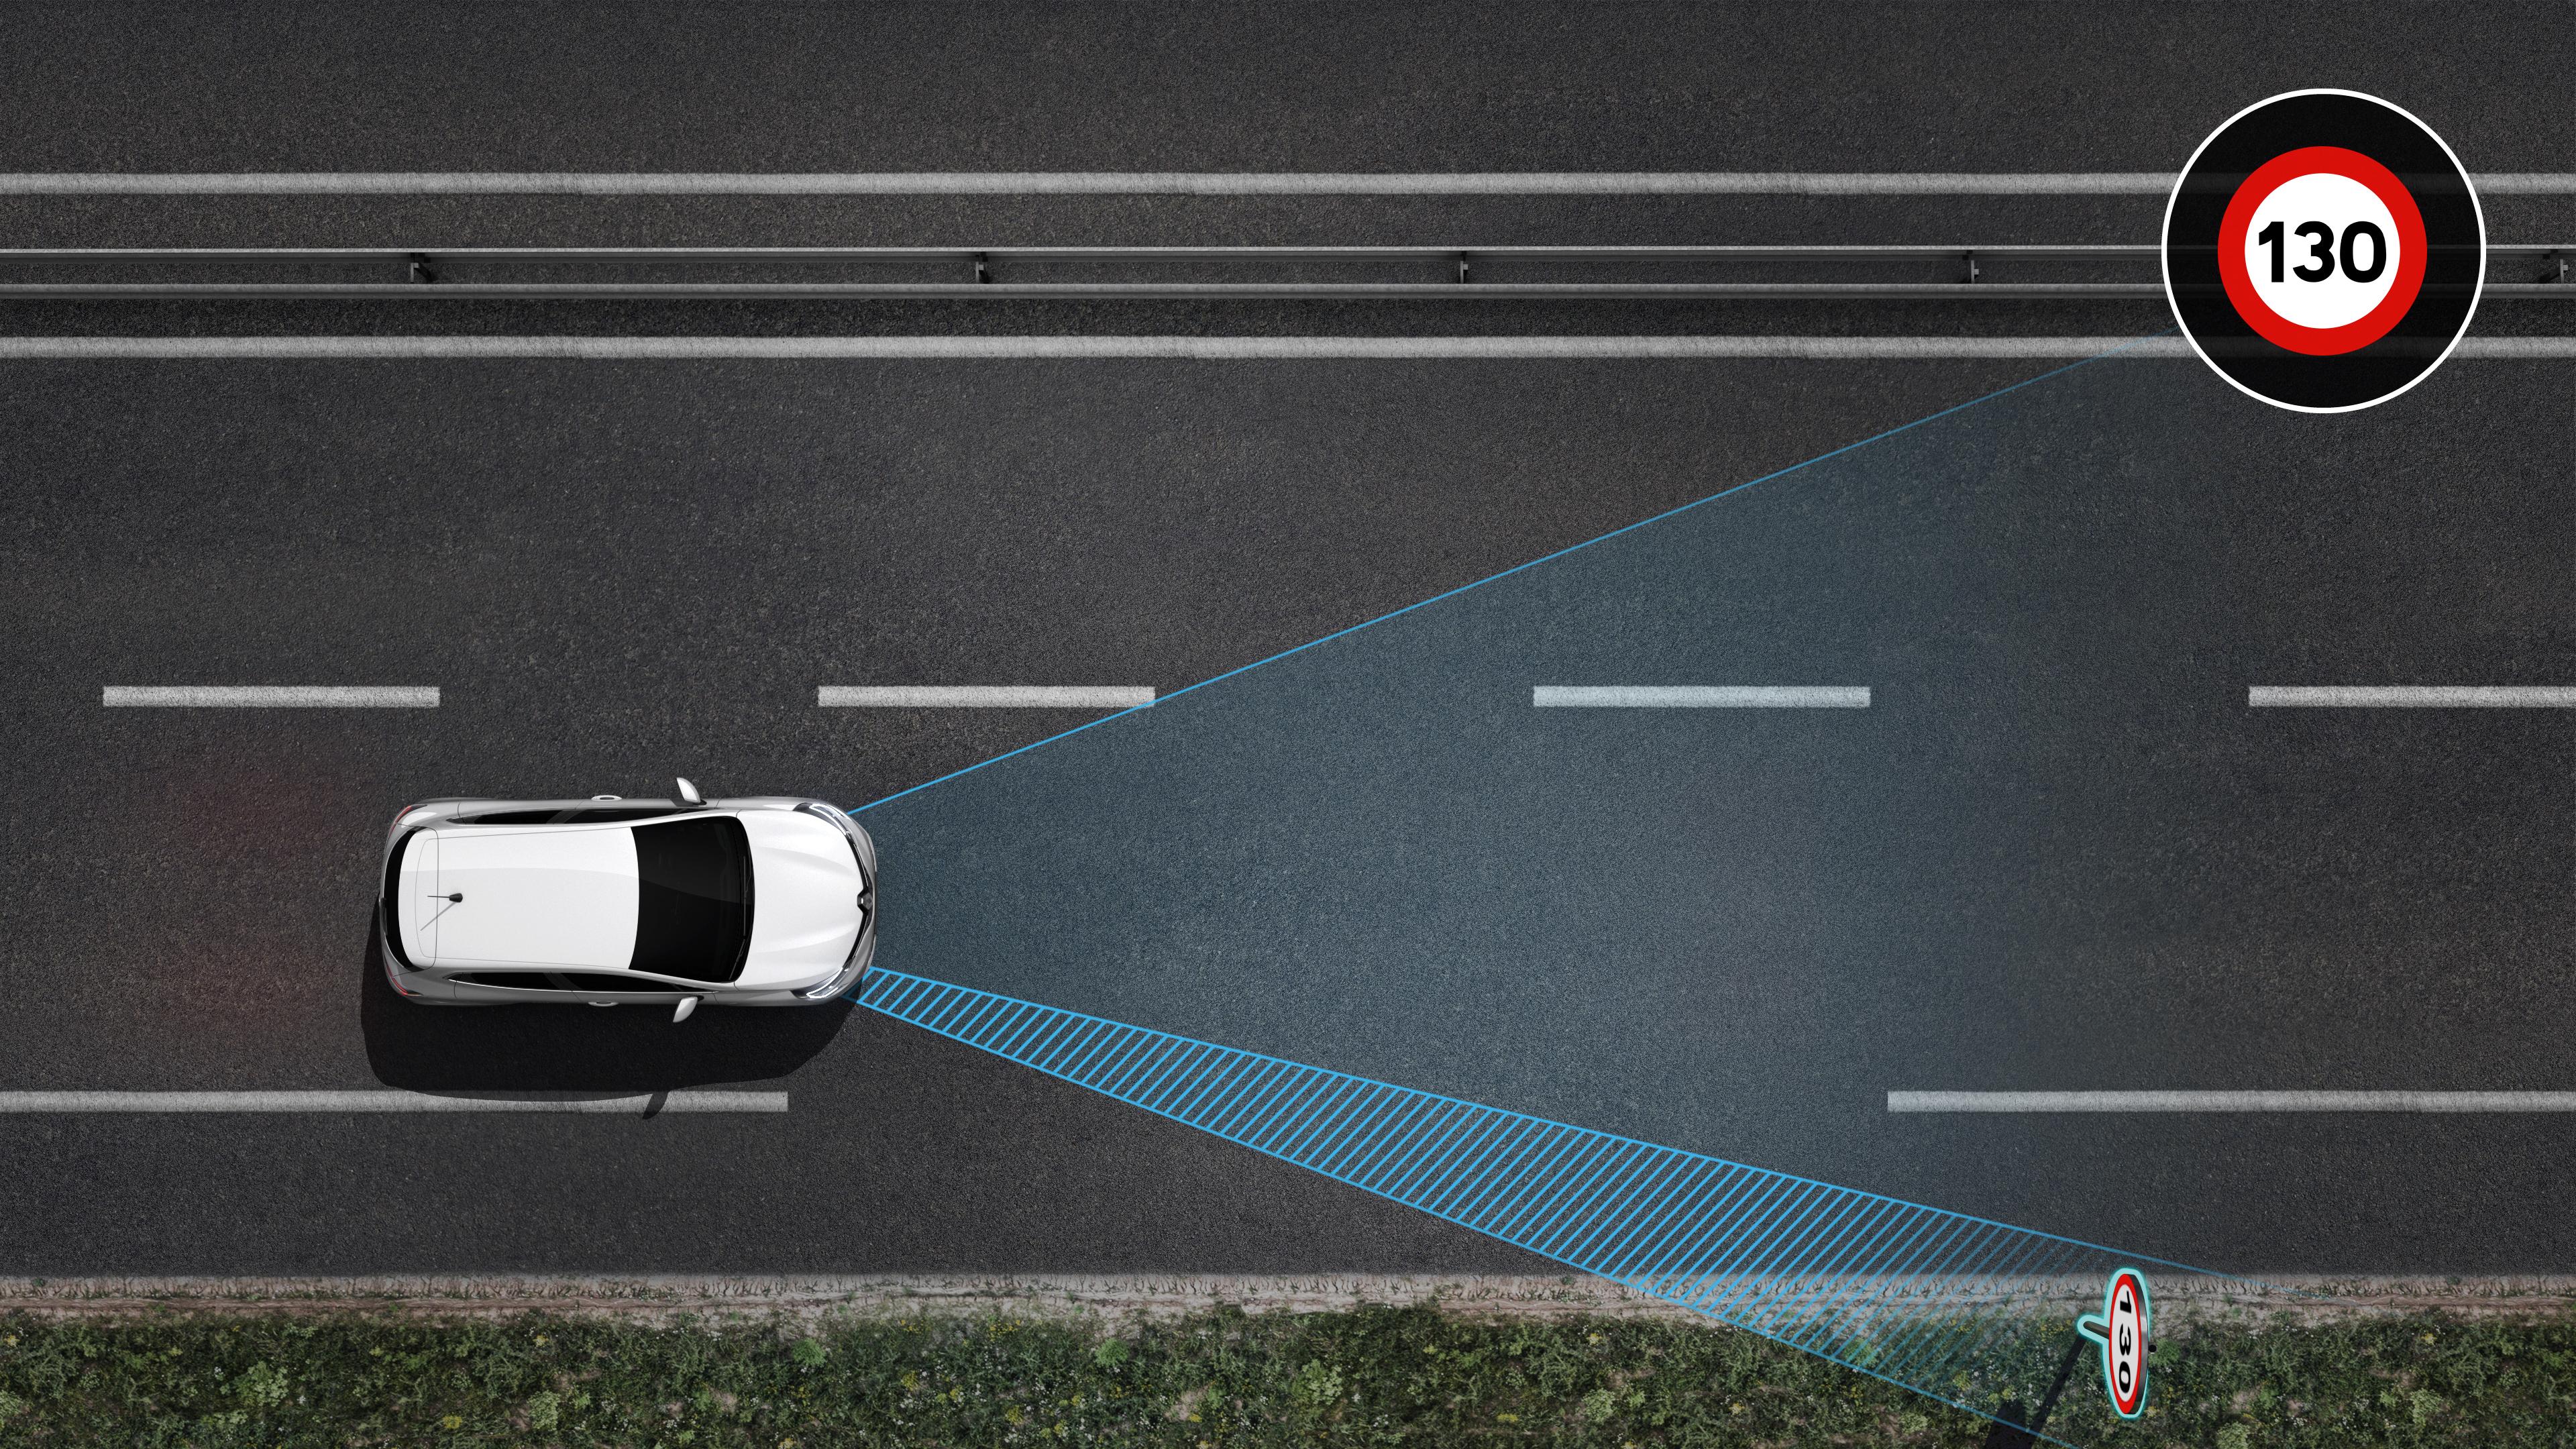 Система за предупреждение при шофиране с превишена скорост